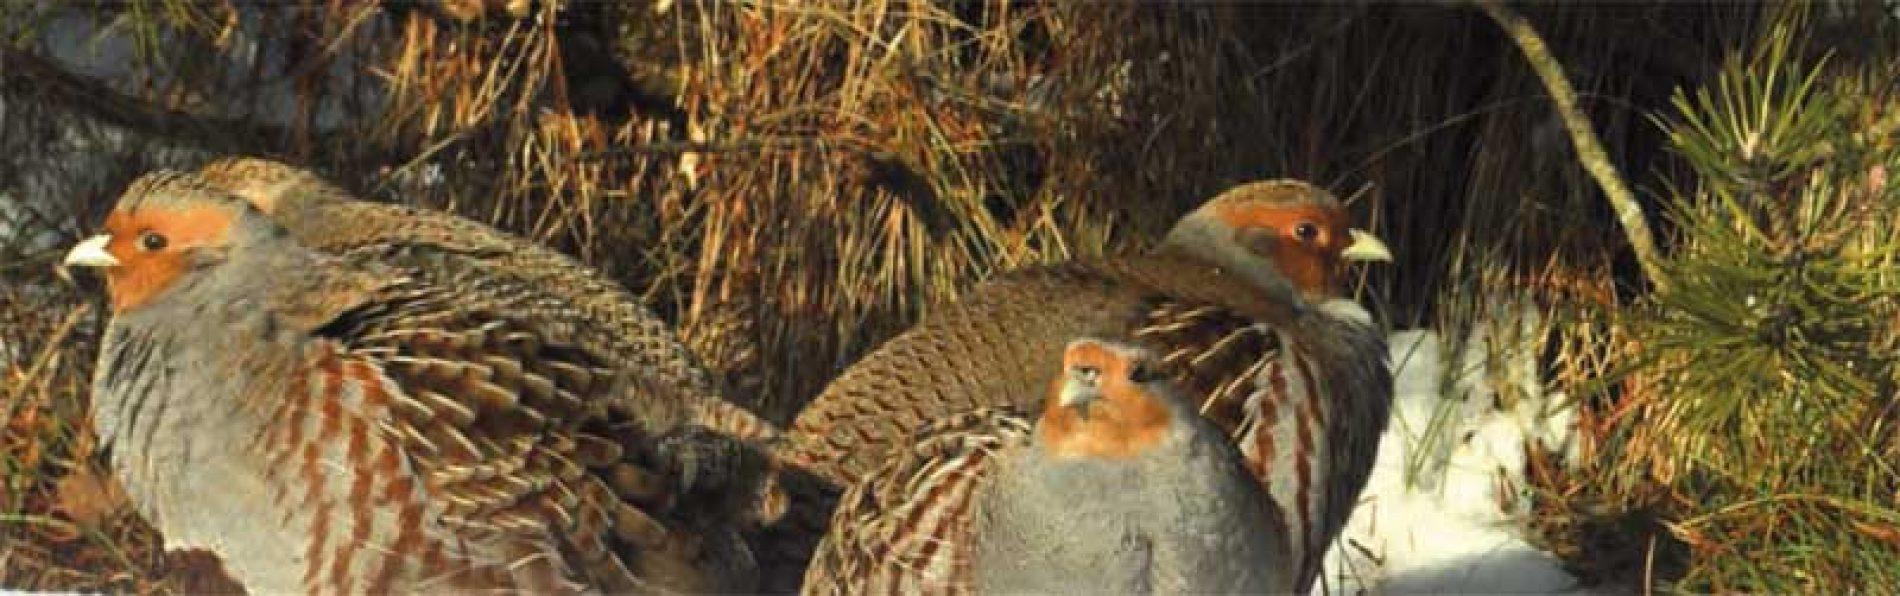 El fin de la caza de la perdiz pardilla en España